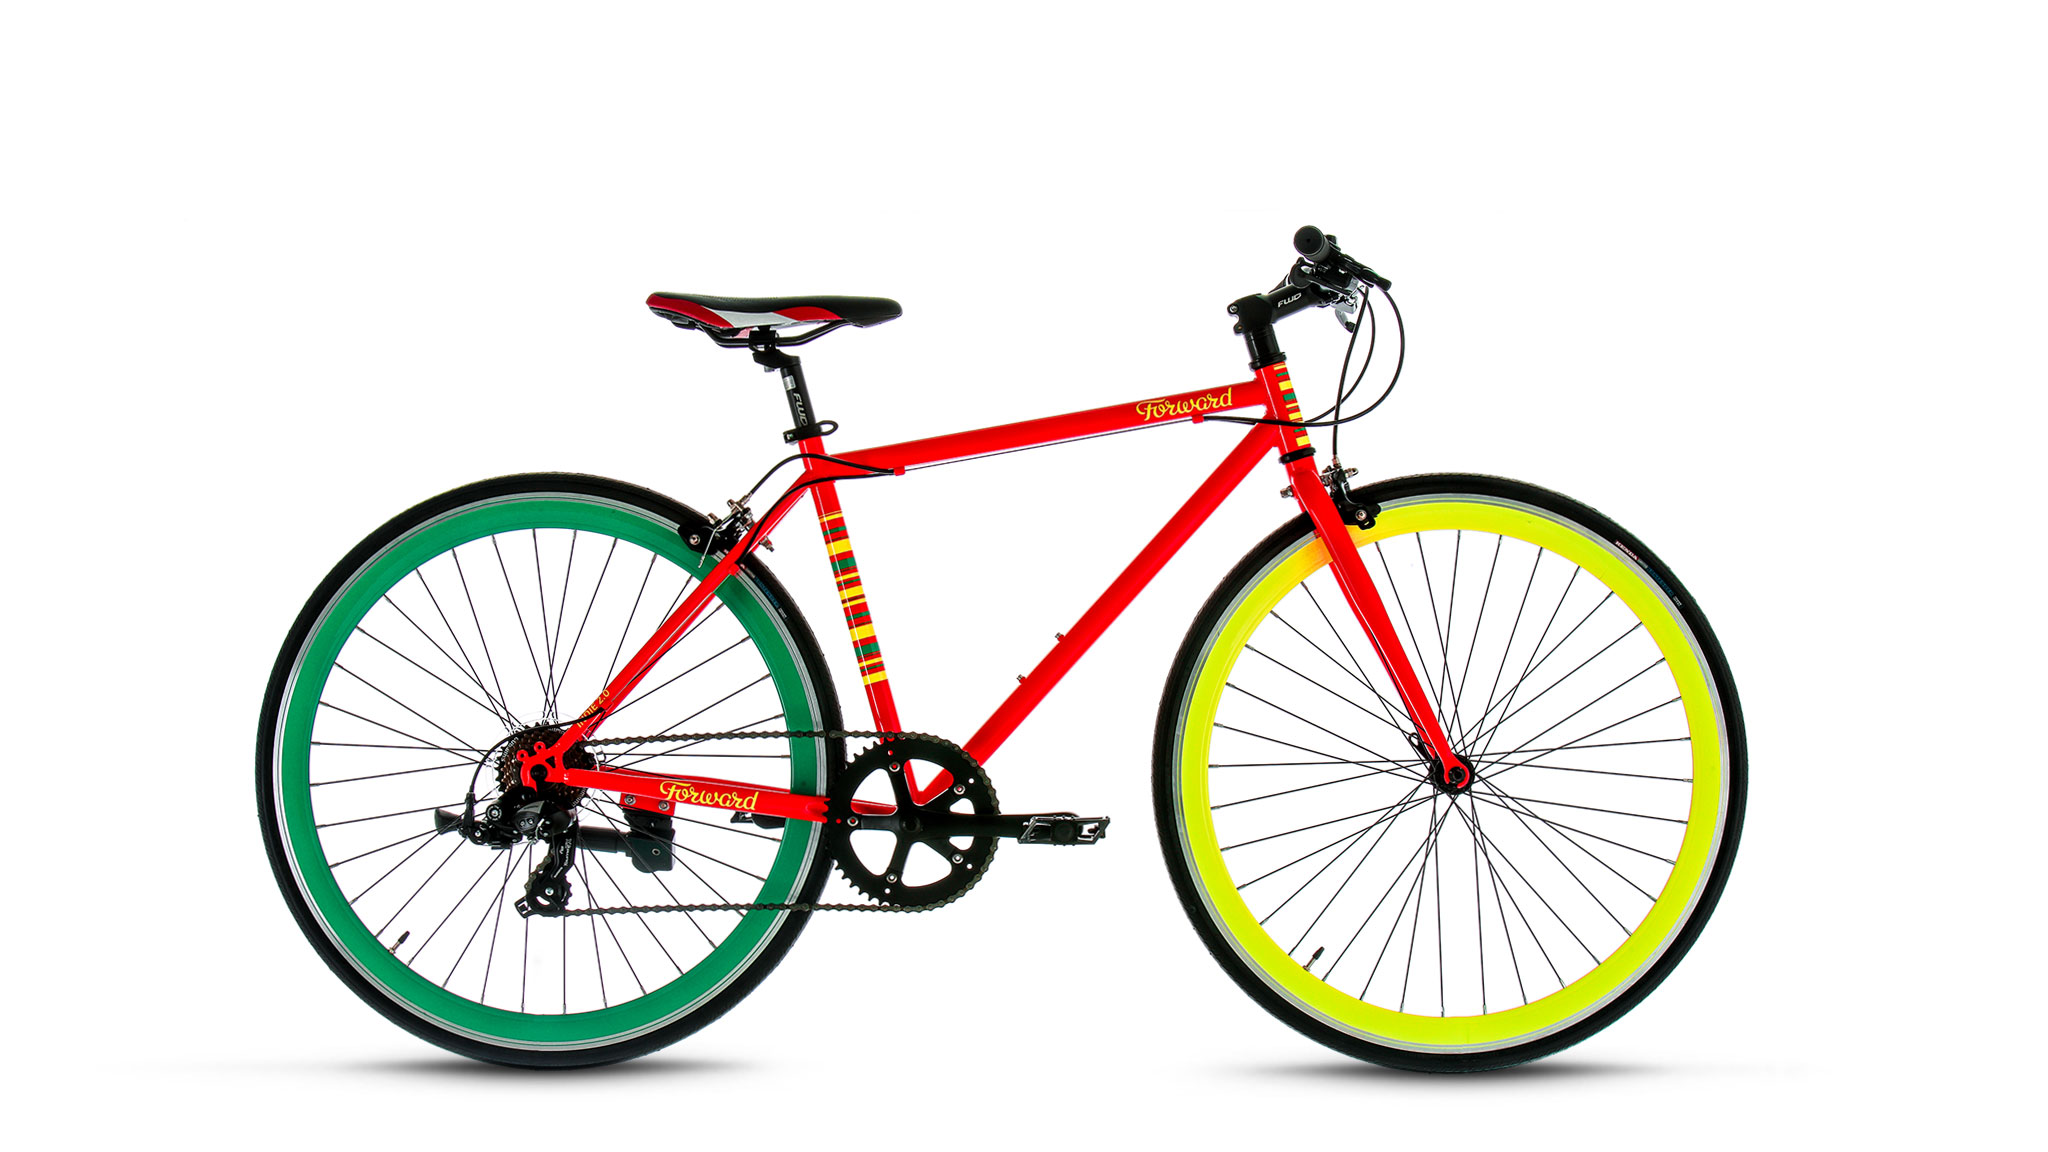 Насос для велосипеда, виды и особенности.